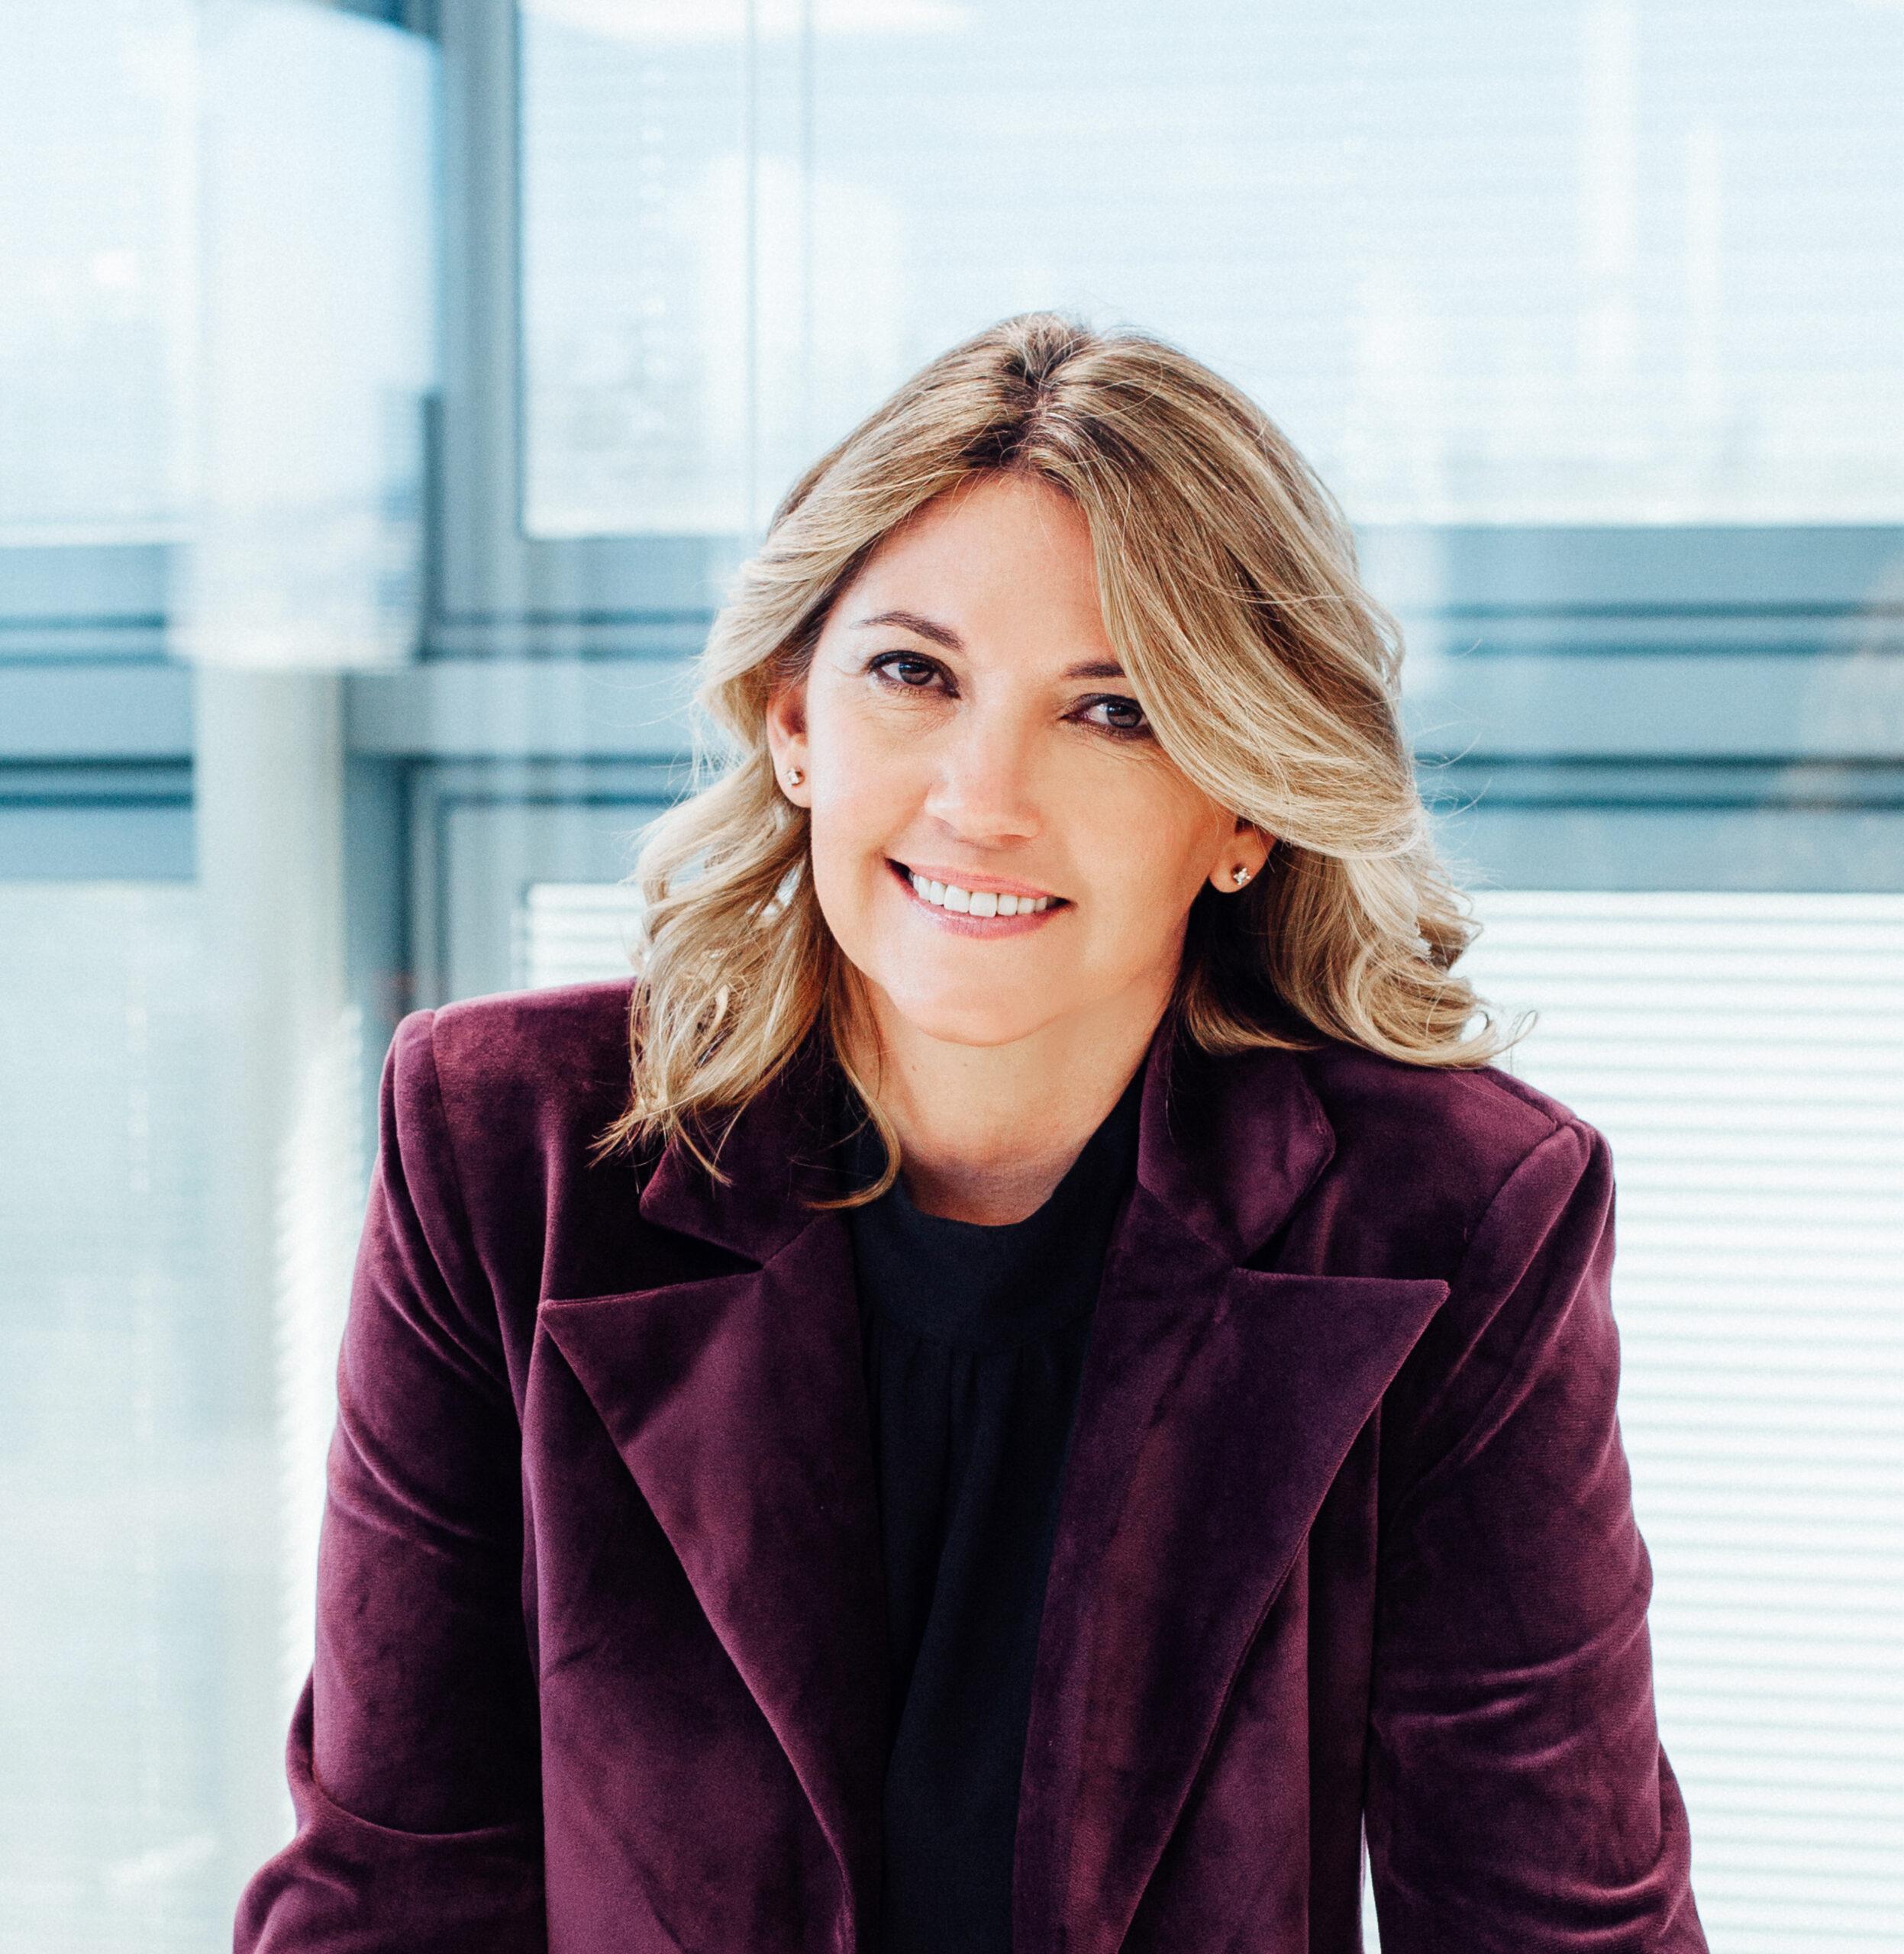 Entrevista a Blanca Sorigué, Directora General del Consorci de la Zona Franca   Barcelona centro de Diseño